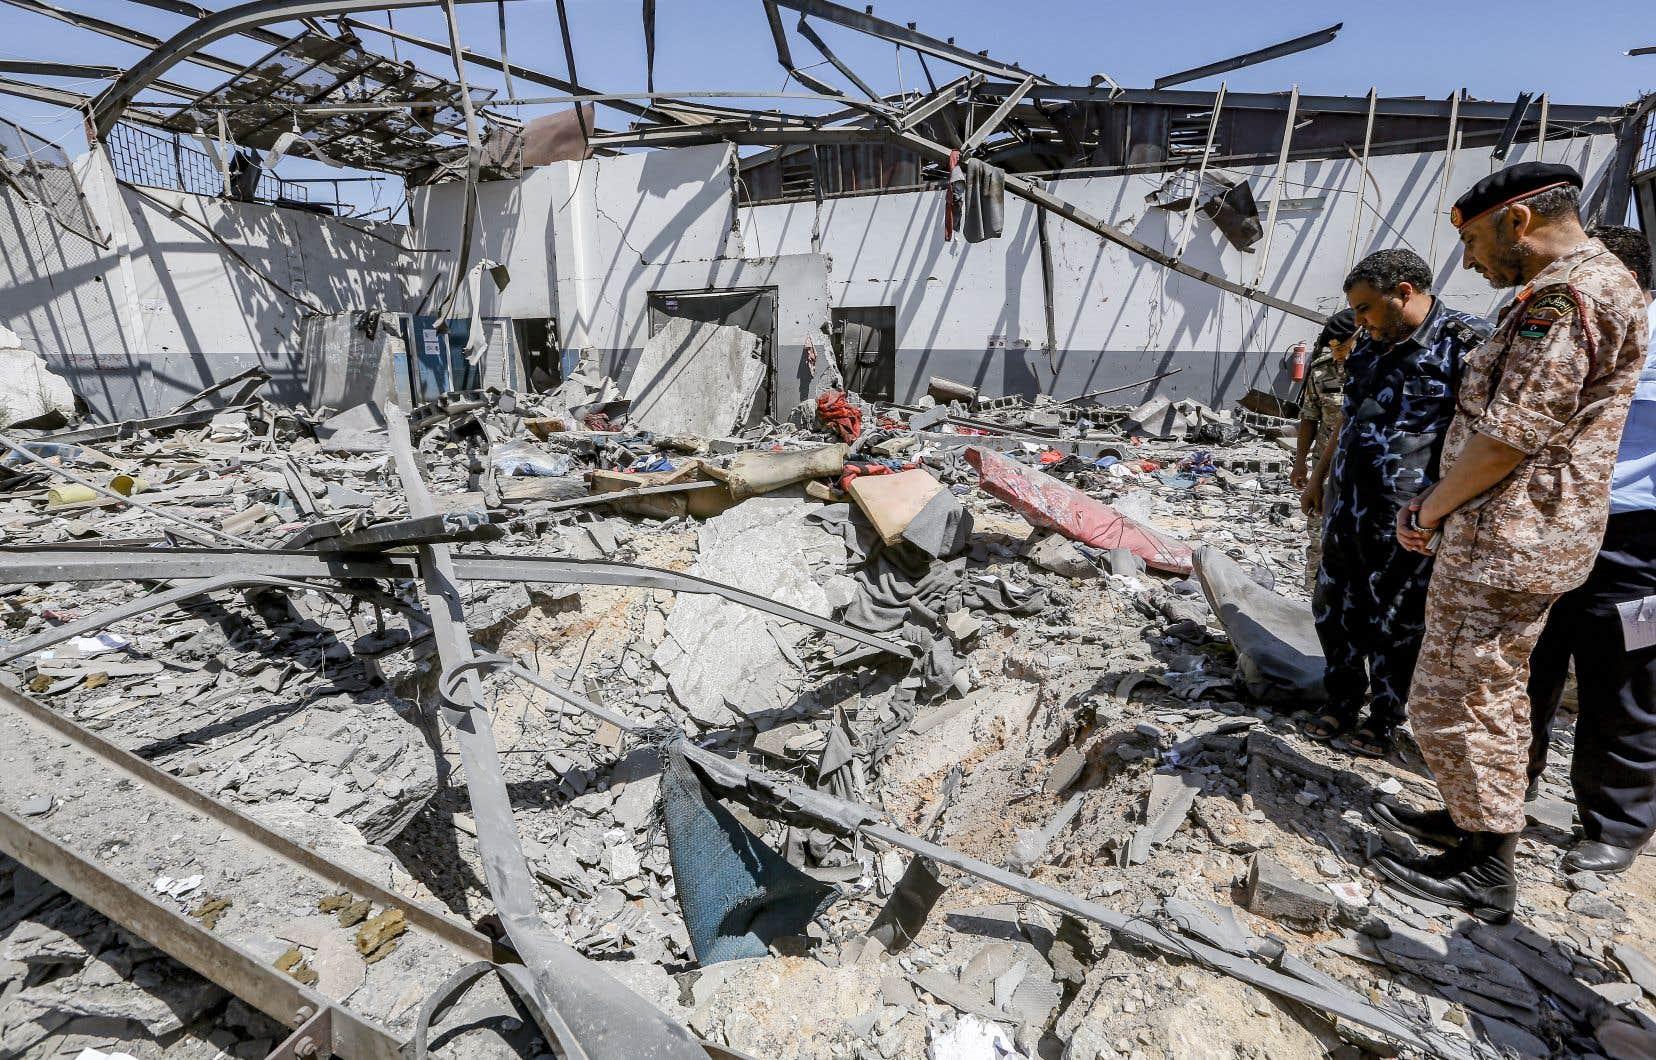 Des militaires libyens du gouvernement d'union nationale regardent les débris du centre de détention de migrants attaqué mardi.